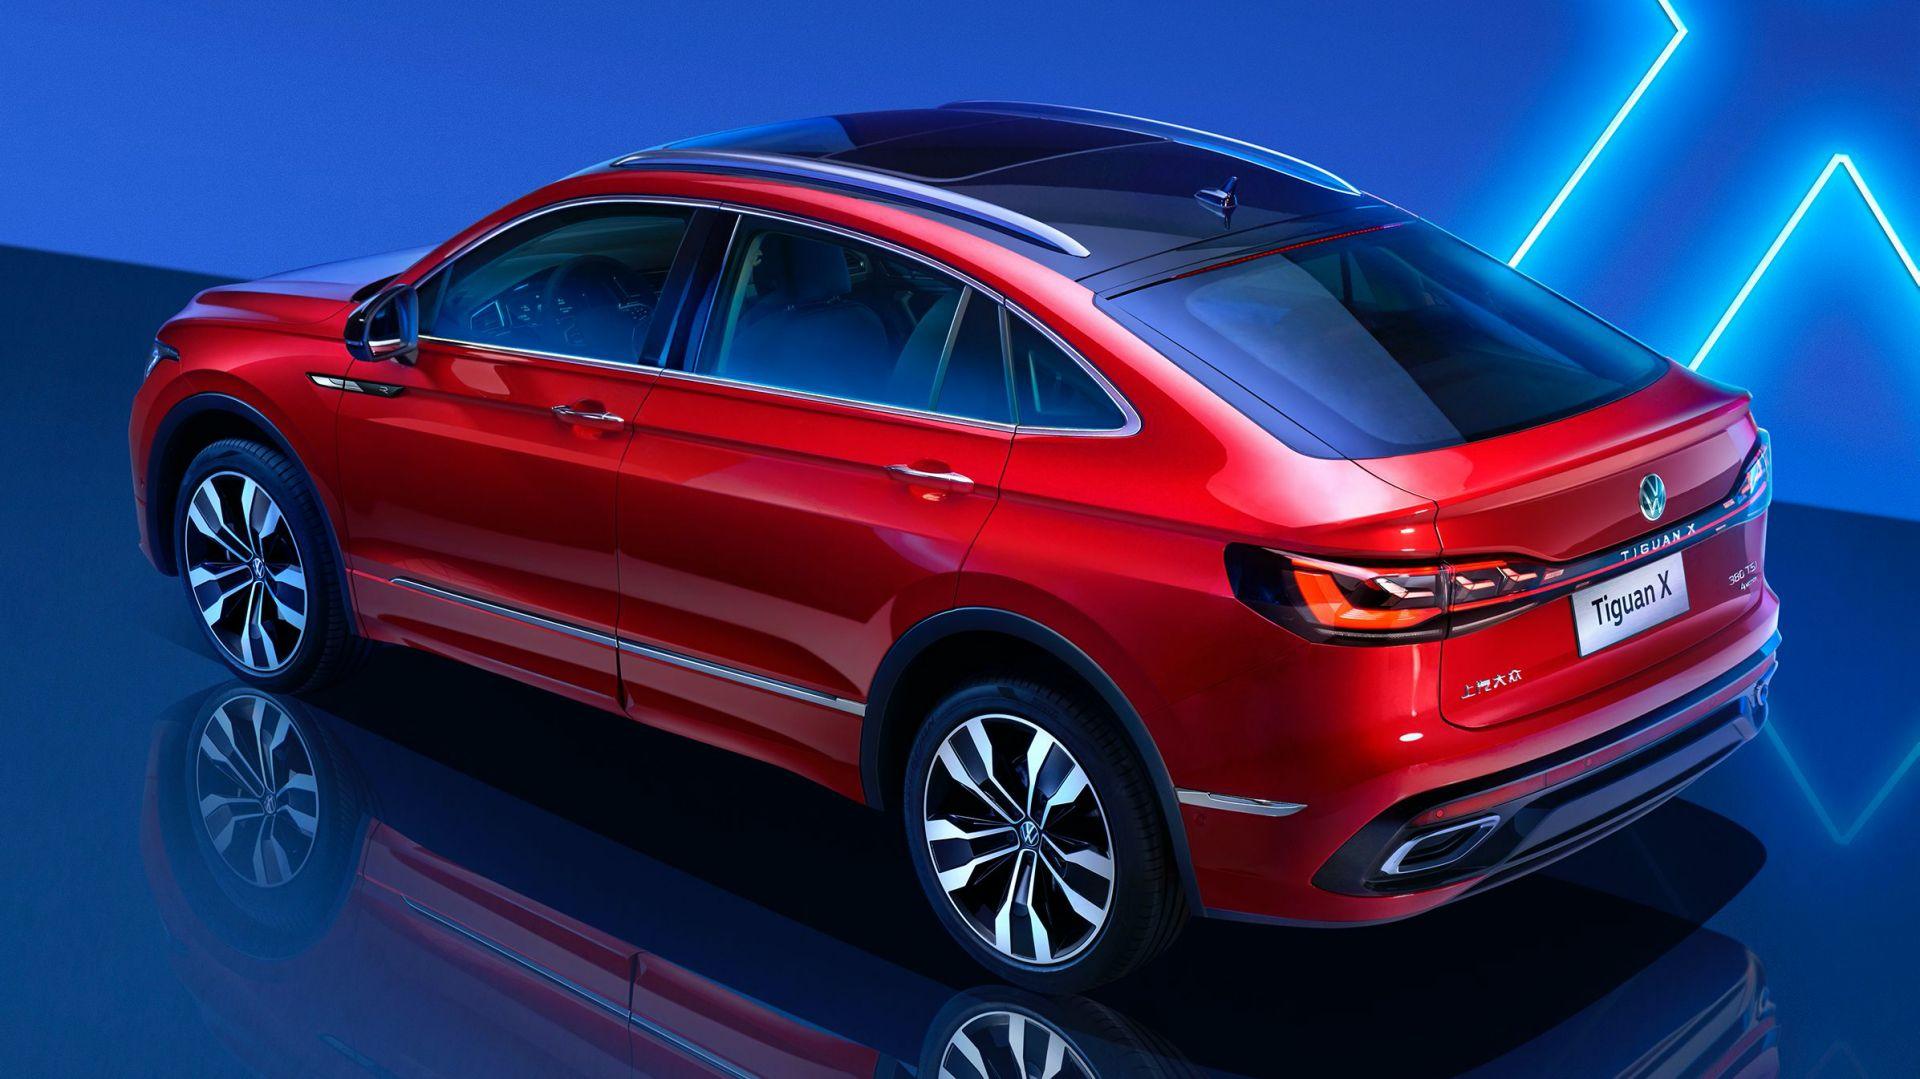 2021-volkswagen-tiguan-x-china-spec-6.jpg